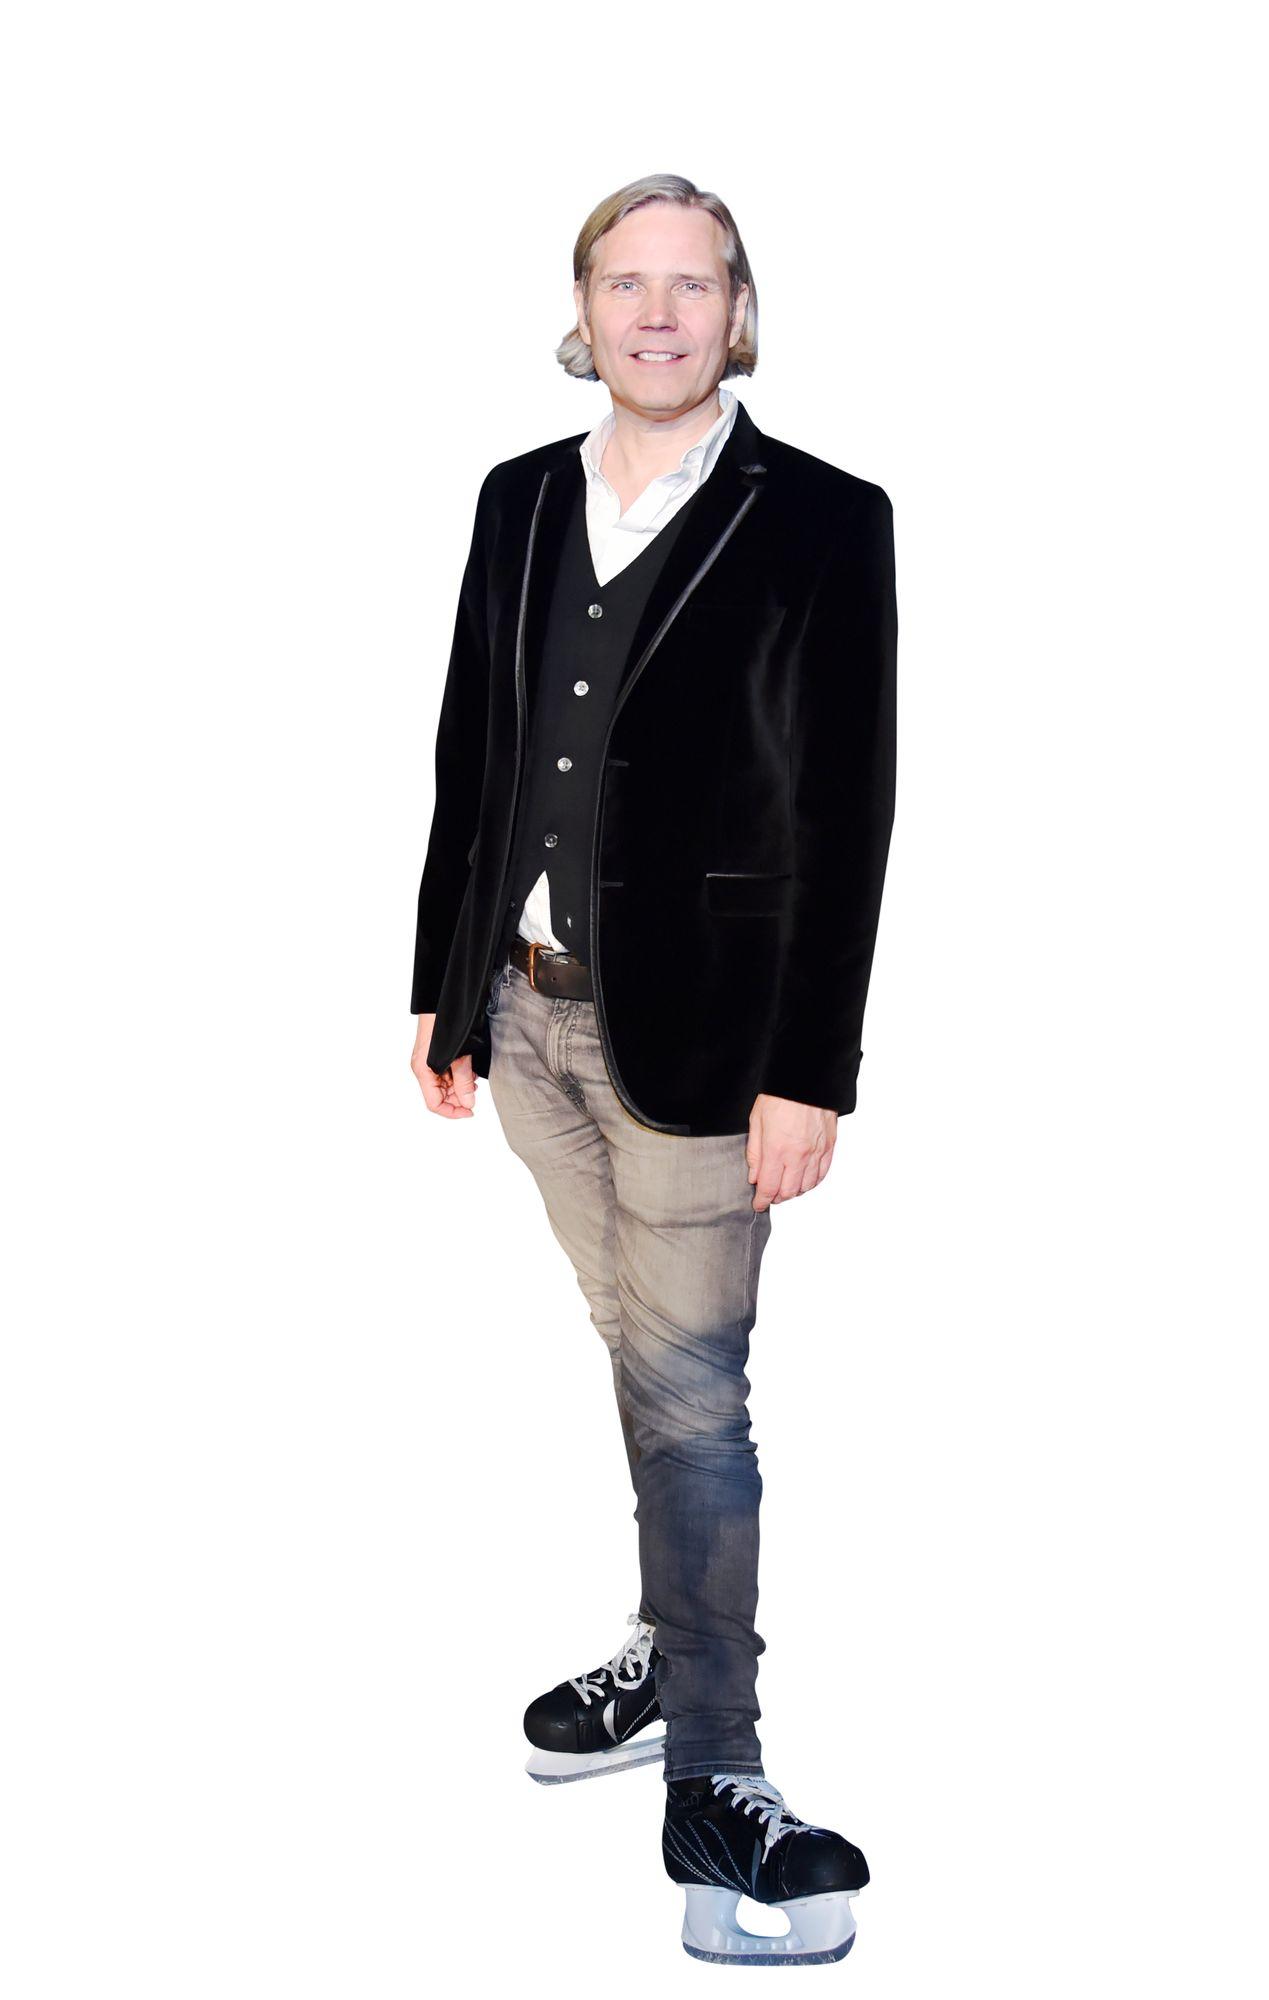 """Säveltäjä Tuomas Kantelinen on ehtinyt urallaan tehdä leffojen lisäksi jo myös oopperaa ja balettia. """"Sirkusta haluaisin vielä tehdä"""", Kantelinen tunnelmoi. © Tiia Ahjotuli"""